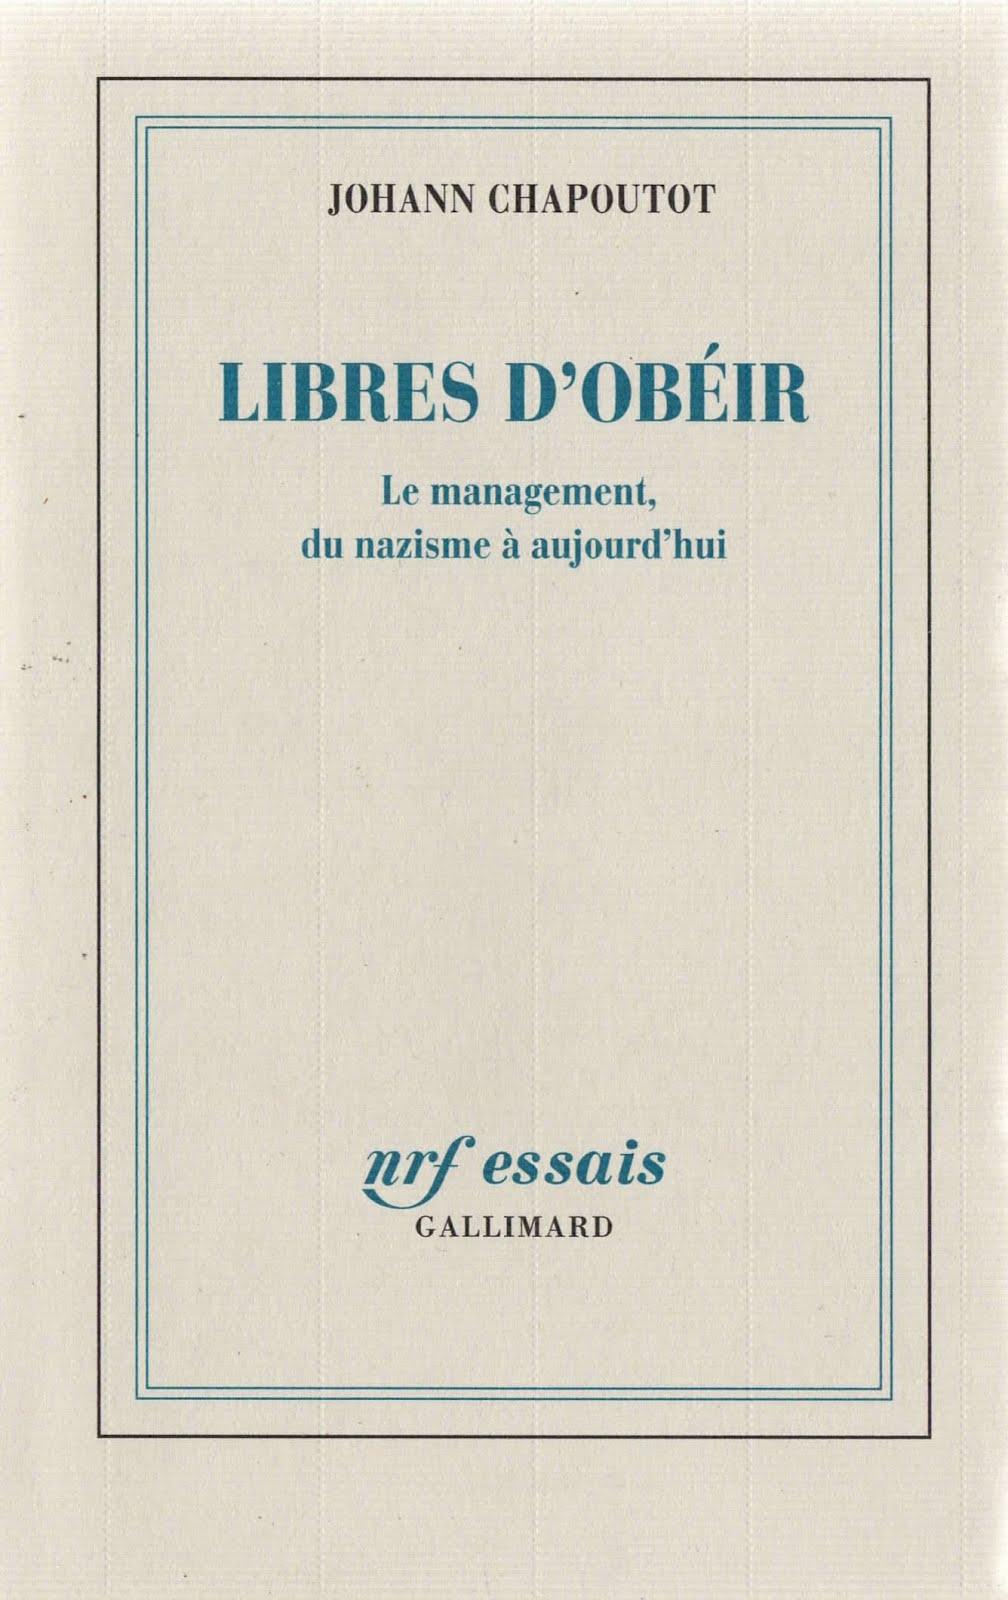 Johann Chapoutot – Libres d'obéir